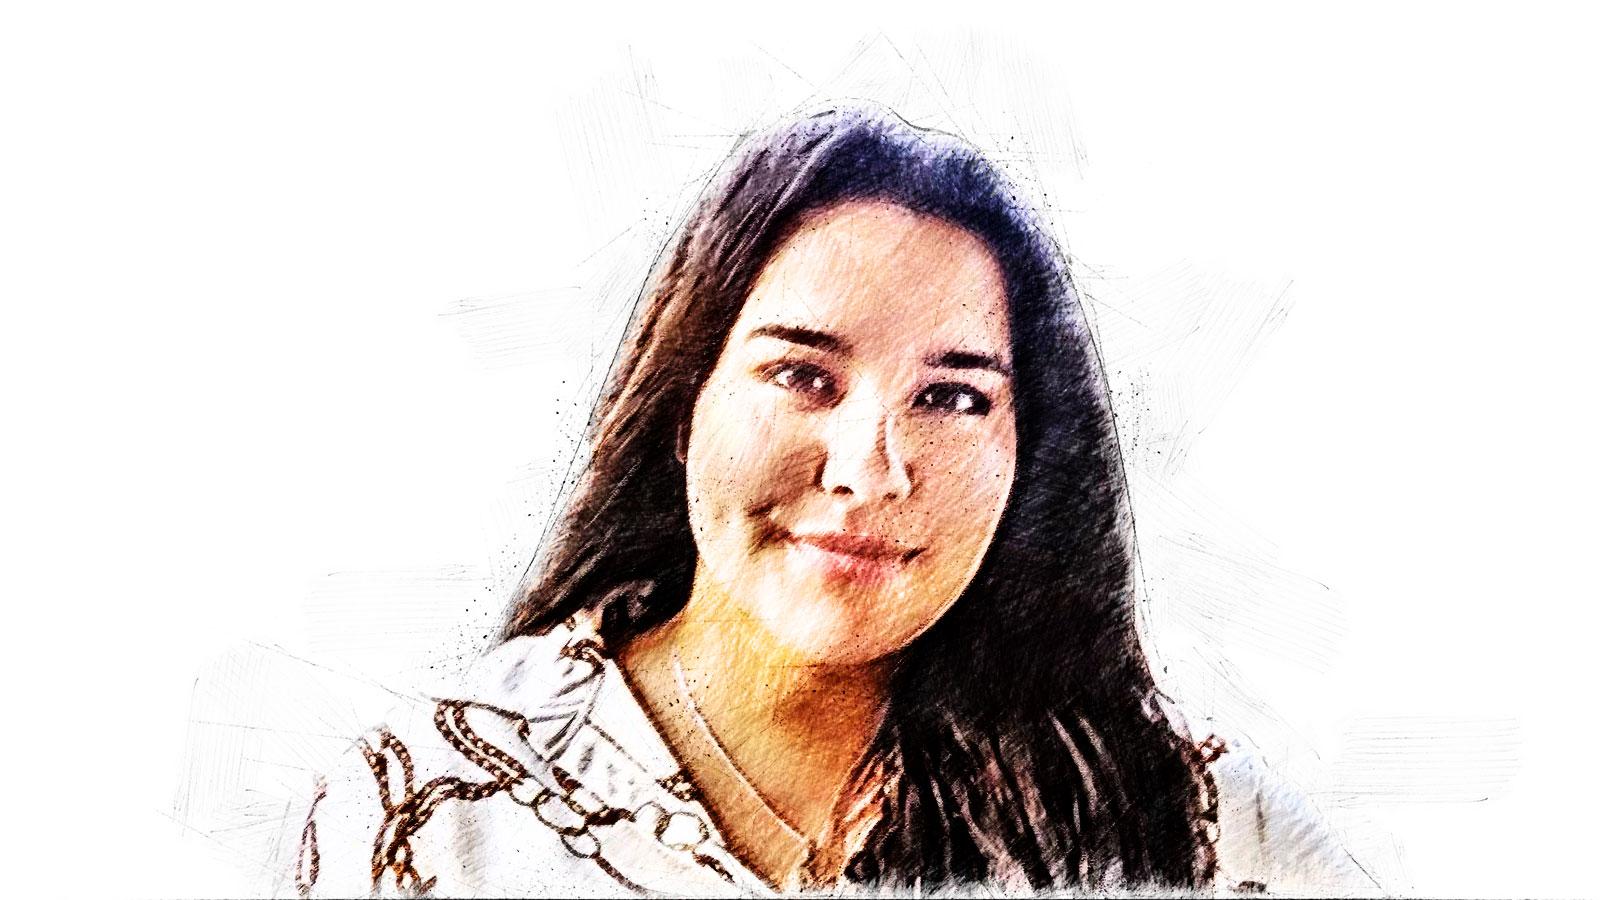 Yasmin Al-Douri, Politikwissenschaften, Rassismus, Diskriminierung, Migranten, Integration